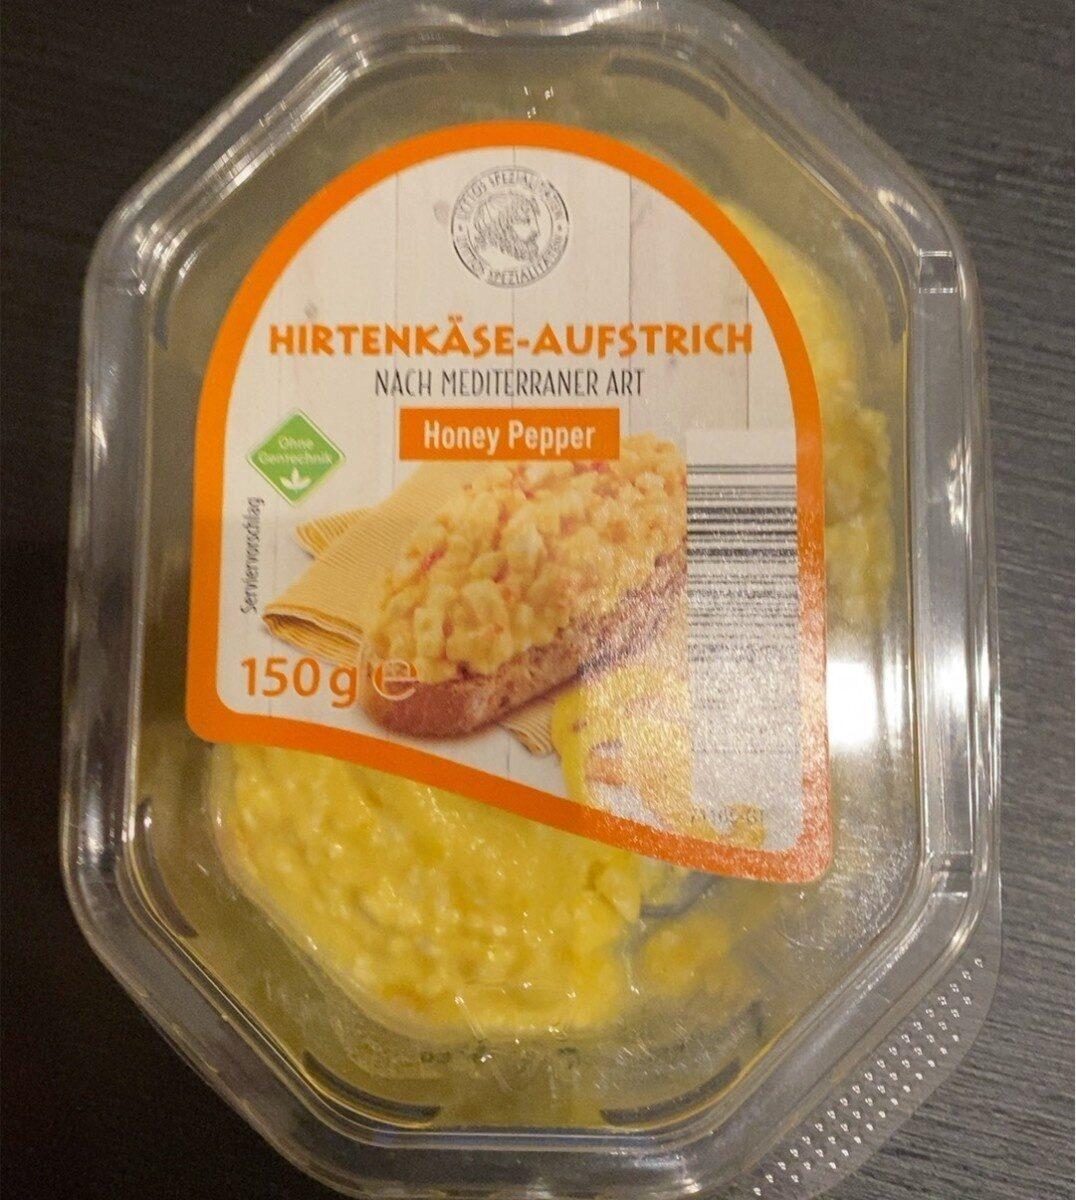 Hirtenkäse Aufstrich - Produkt - de